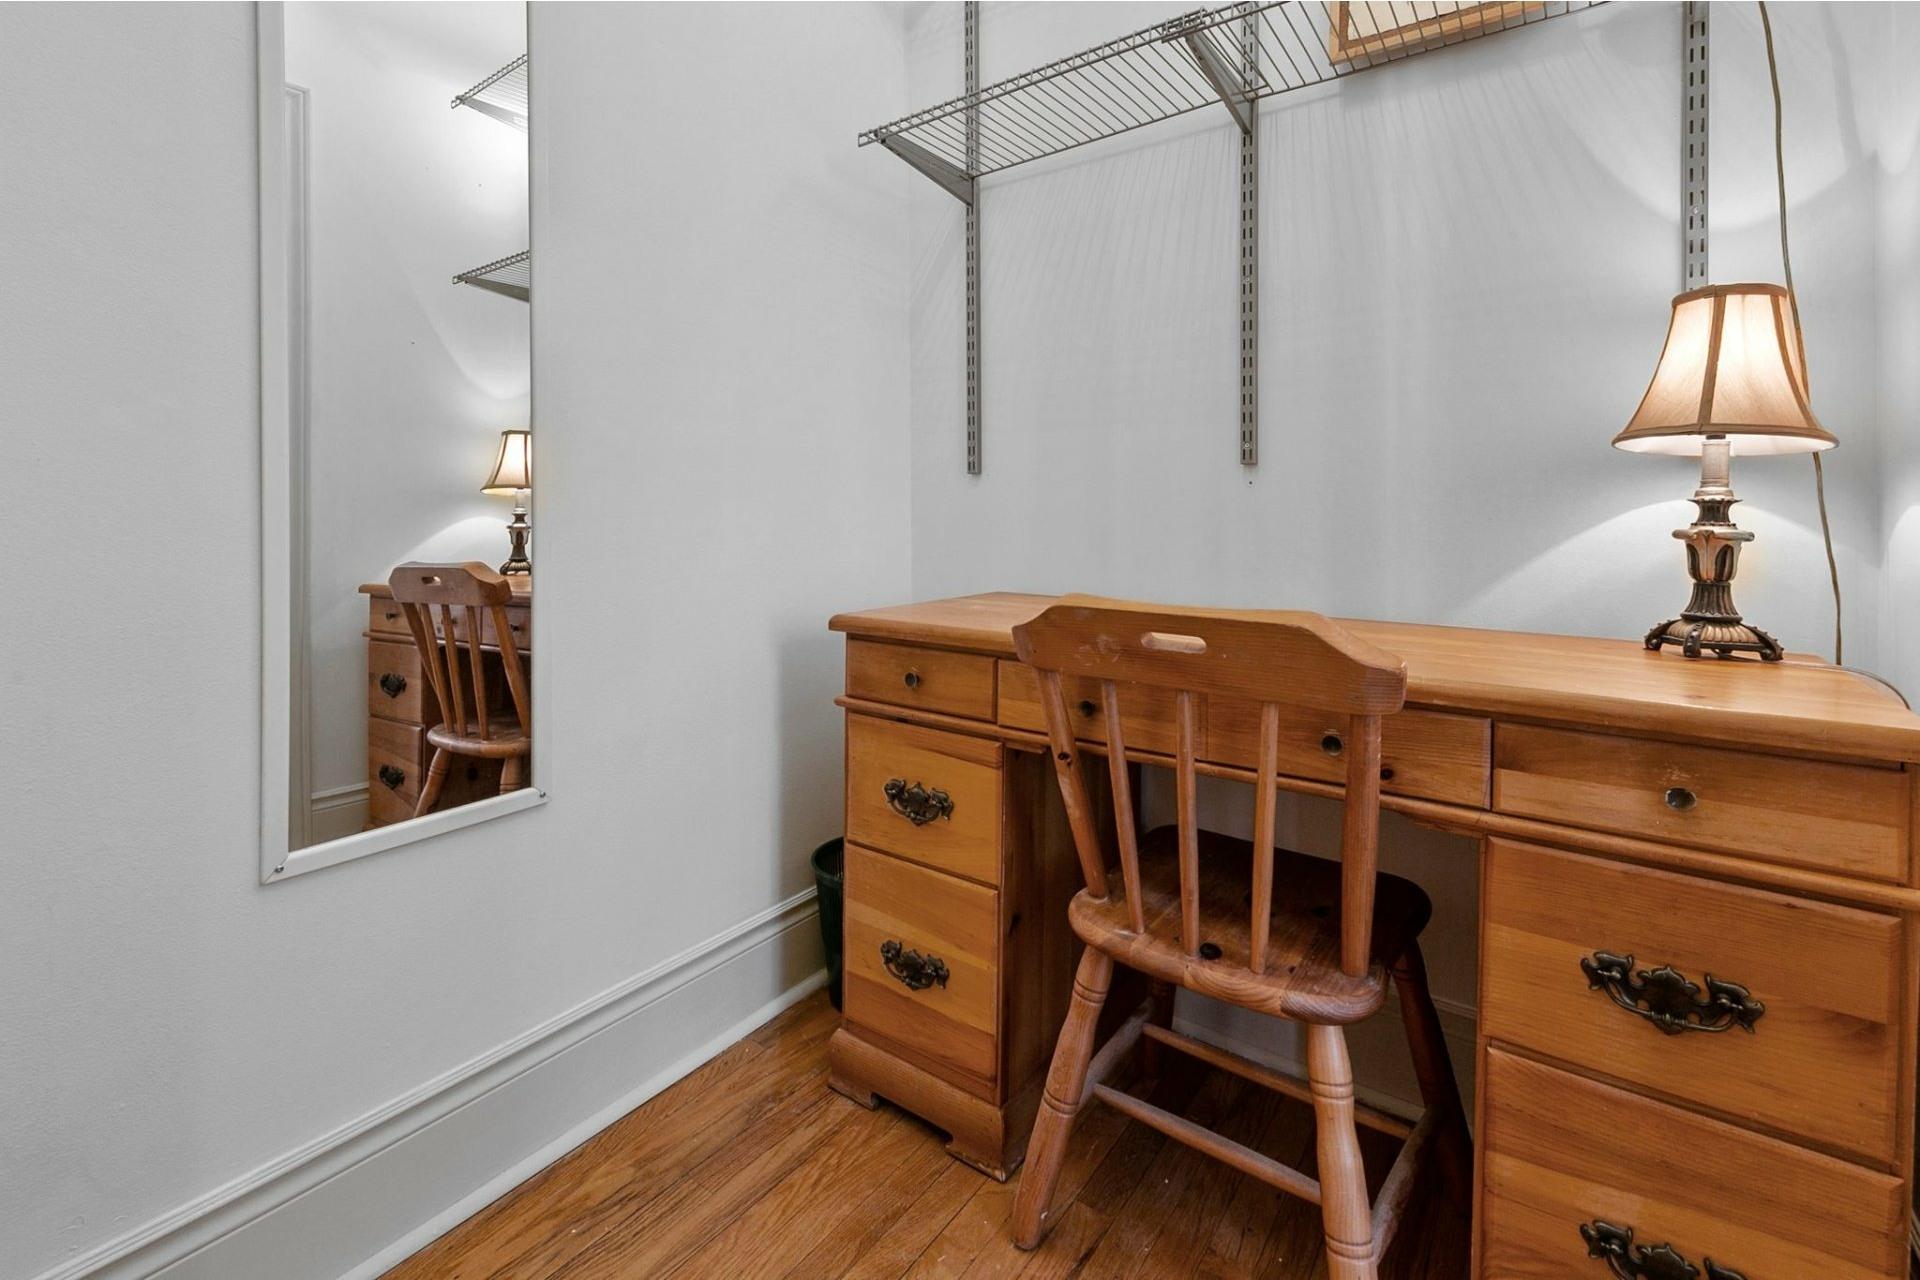 image 15 - Appartement À vendre Côte-des-Neiges/Notre-Dame-de-Grâce Montréal  - 10 pièces